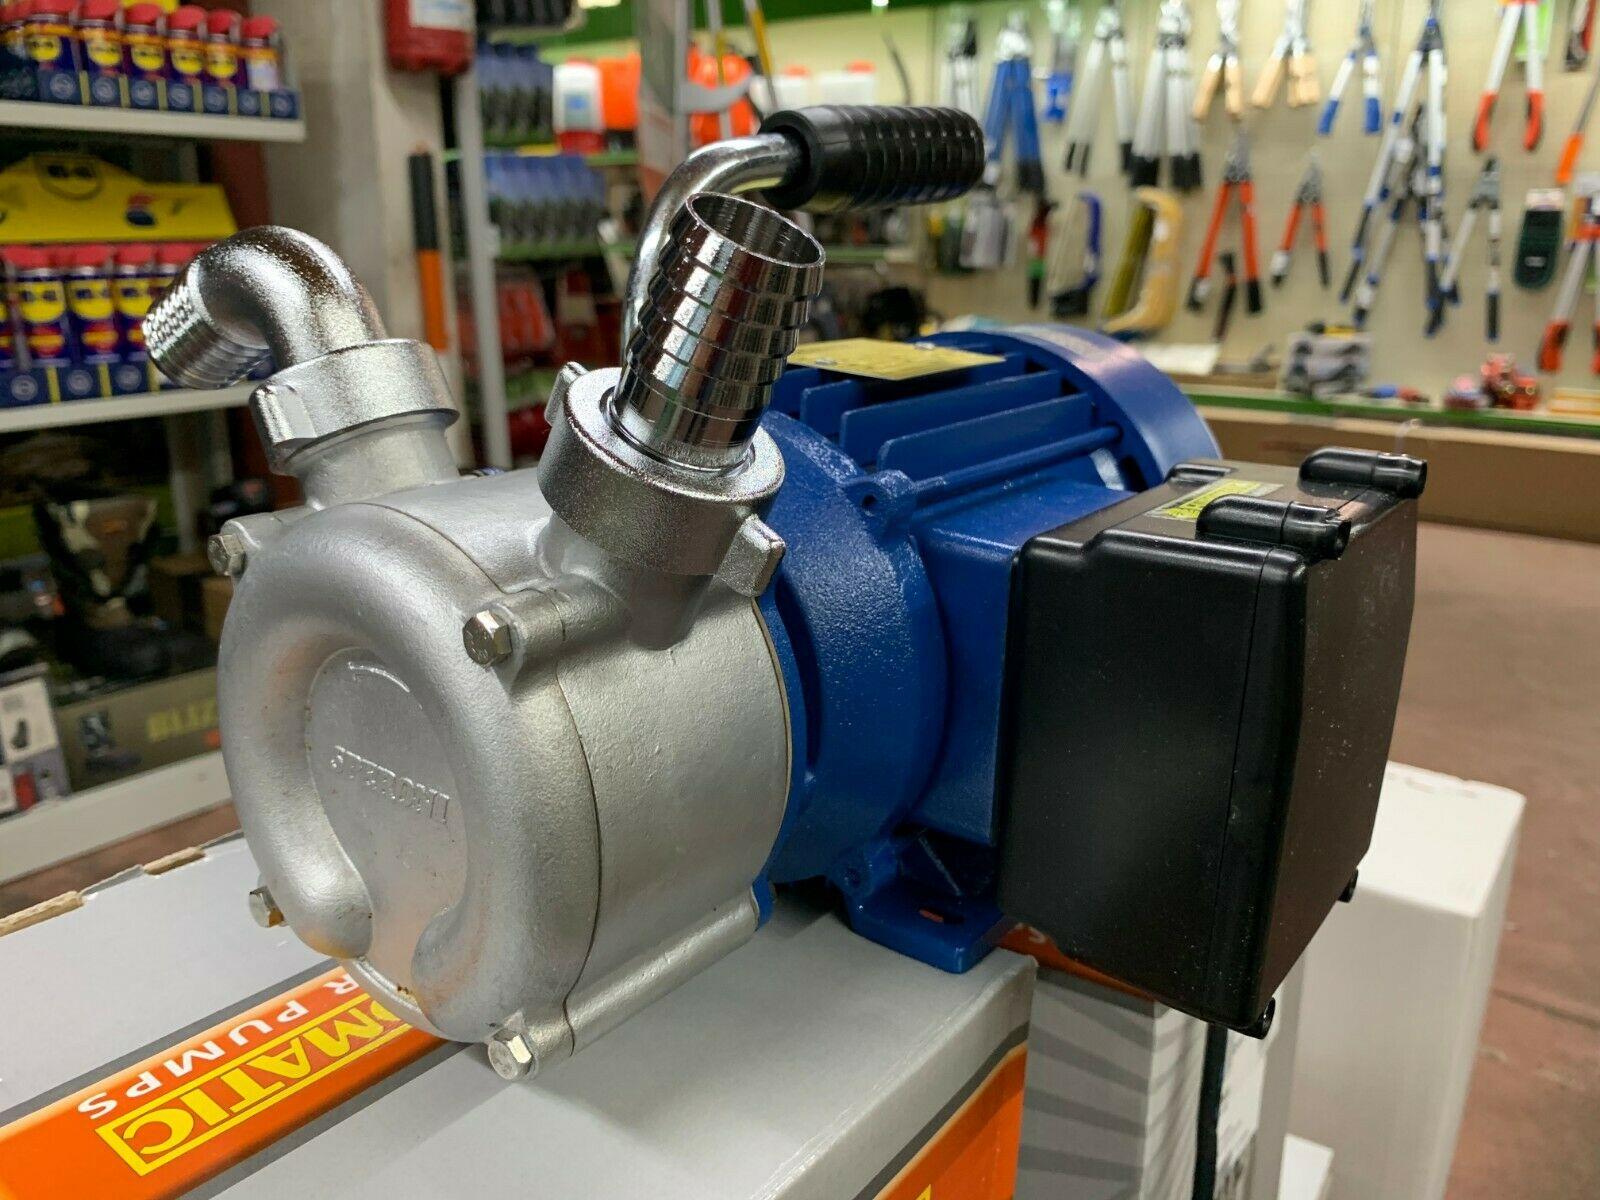 ELETTROPOMPA per Travaso Speroni Euromatic TB25 in acciaio 1100 watt